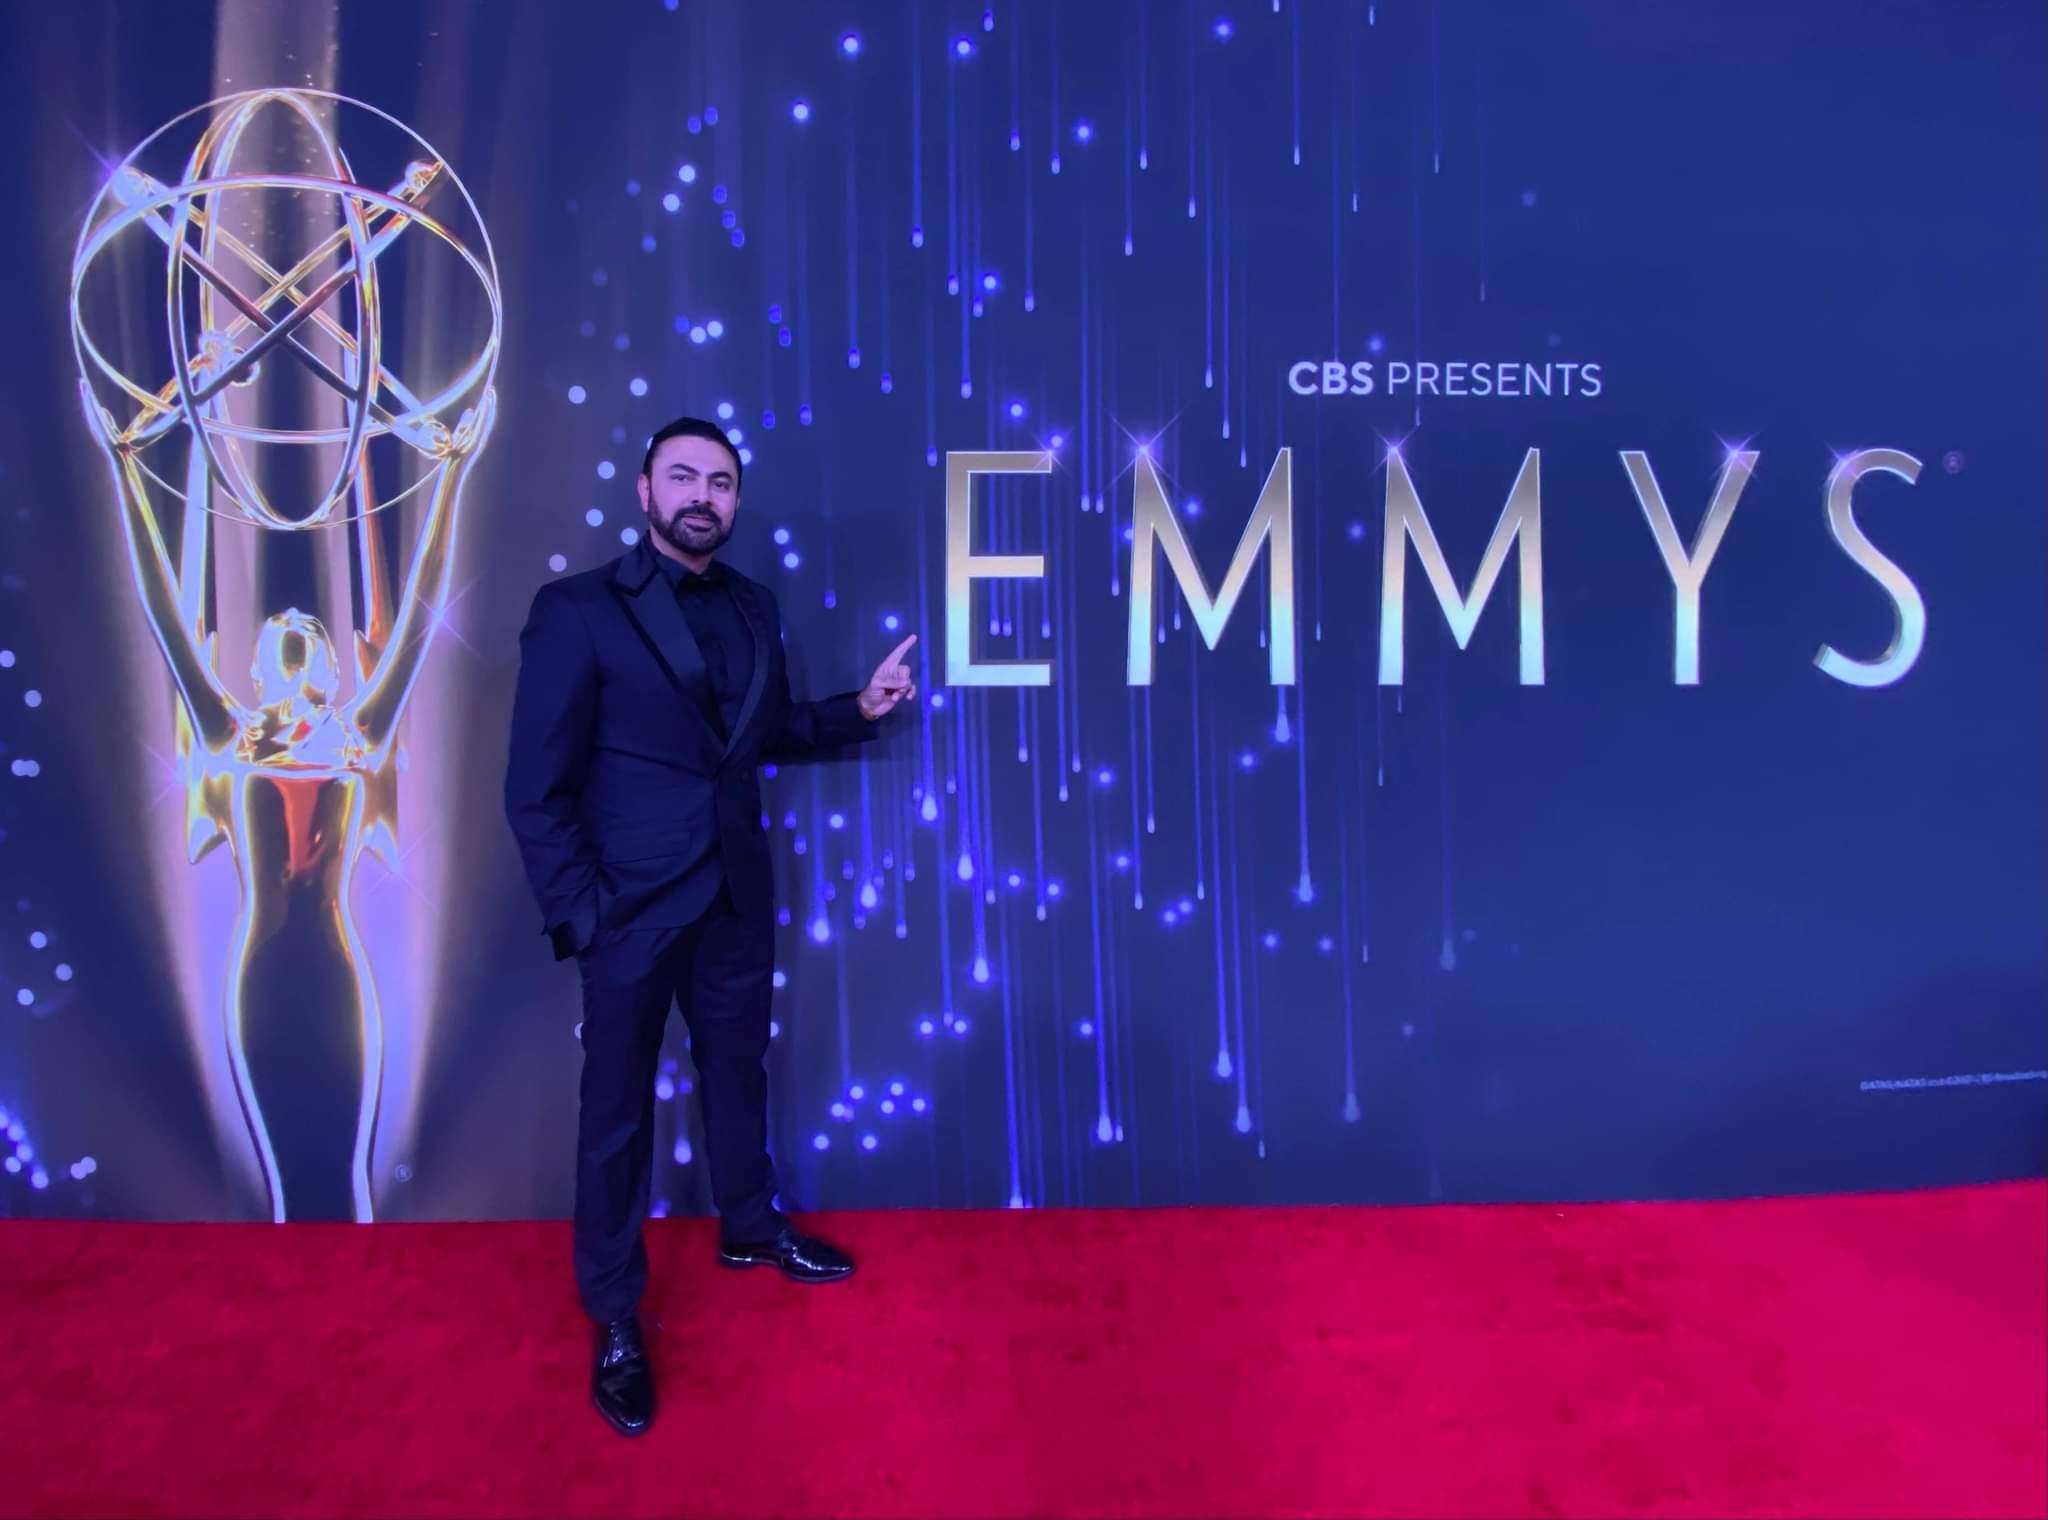 محمد كريم المصري والعربي الوحيد في حفل توزيع جوائز الـ  Emmys    صور و فيديو